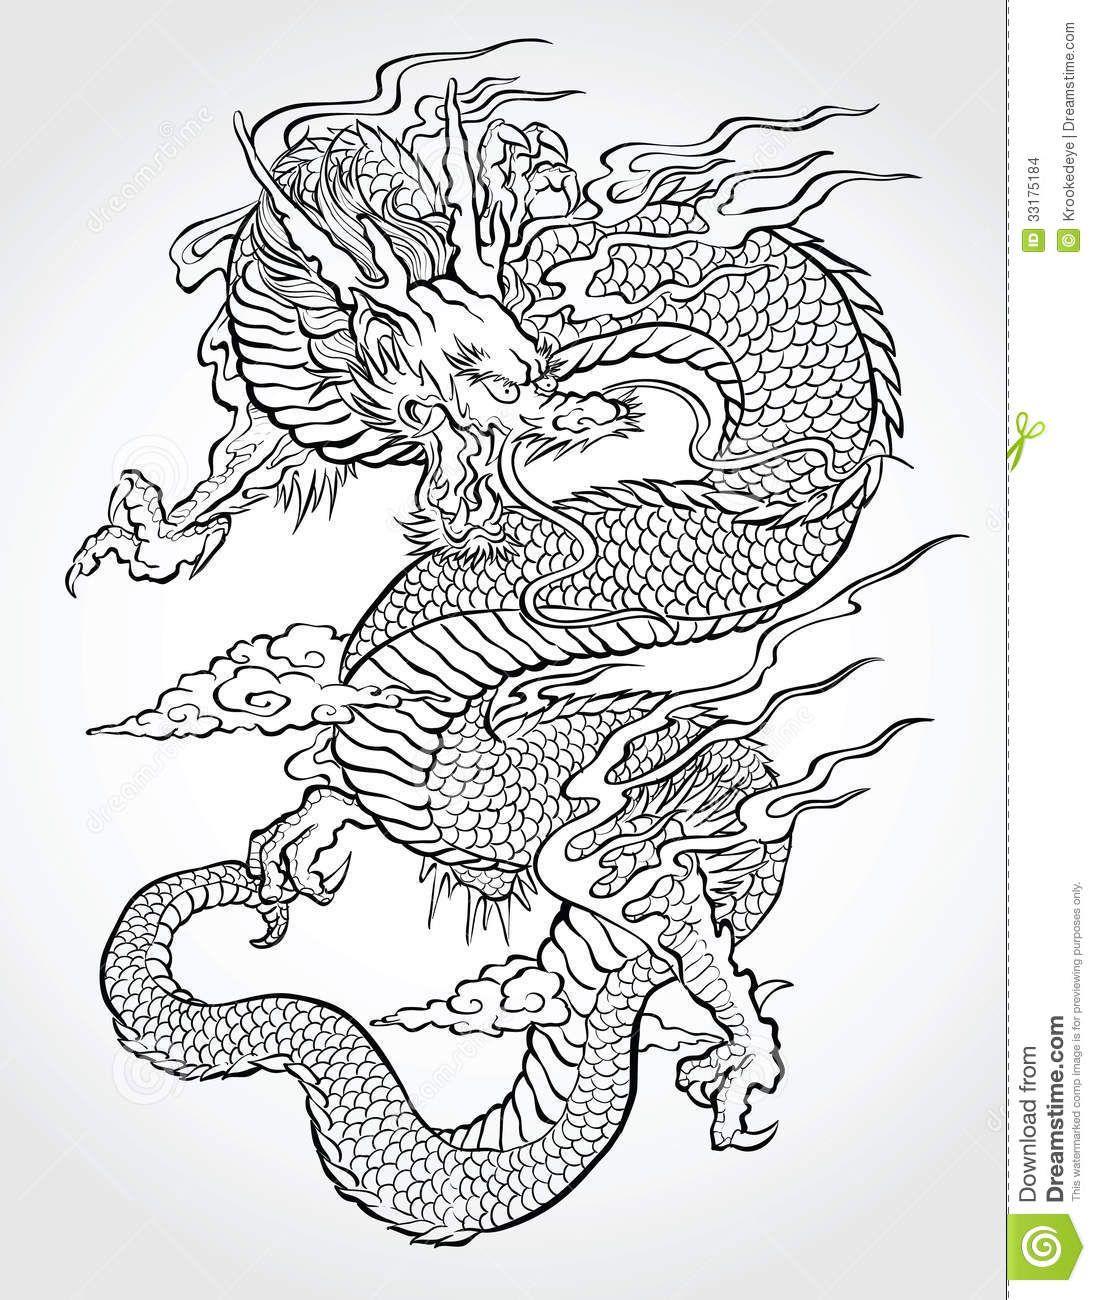 Traditional Asian Dragon Vector Illustration 33175184 Jpg 1096 1300 Asian Dragon Tattoo Dragon Illustration Tattoo Illustration